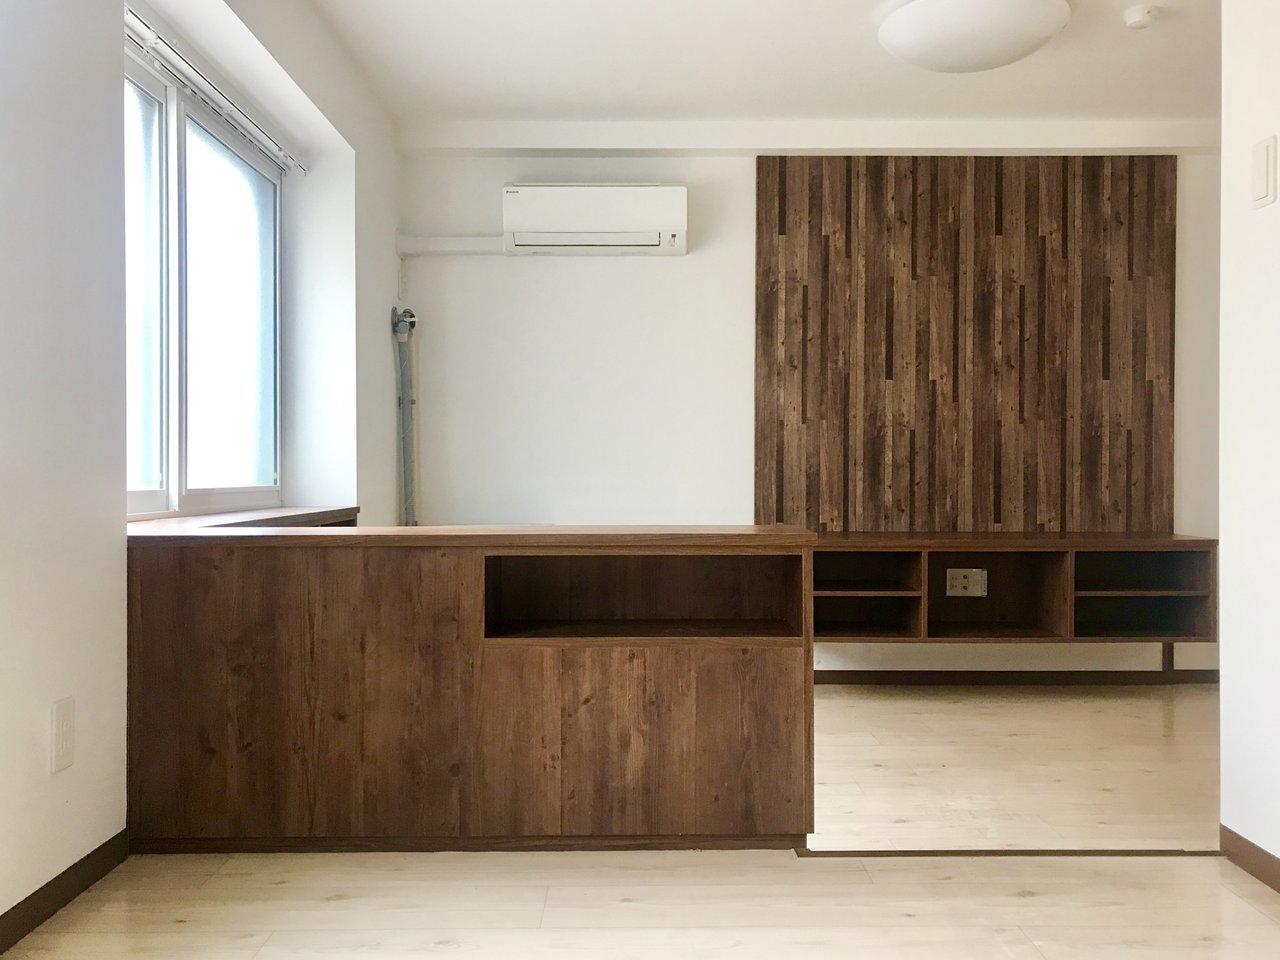 ブラウンの木目調が目をひく、こちらのお部屋。木目の色が濃いので、インテリアはブラックなどの落ち着いた色合いのものでそろえると良さそう。